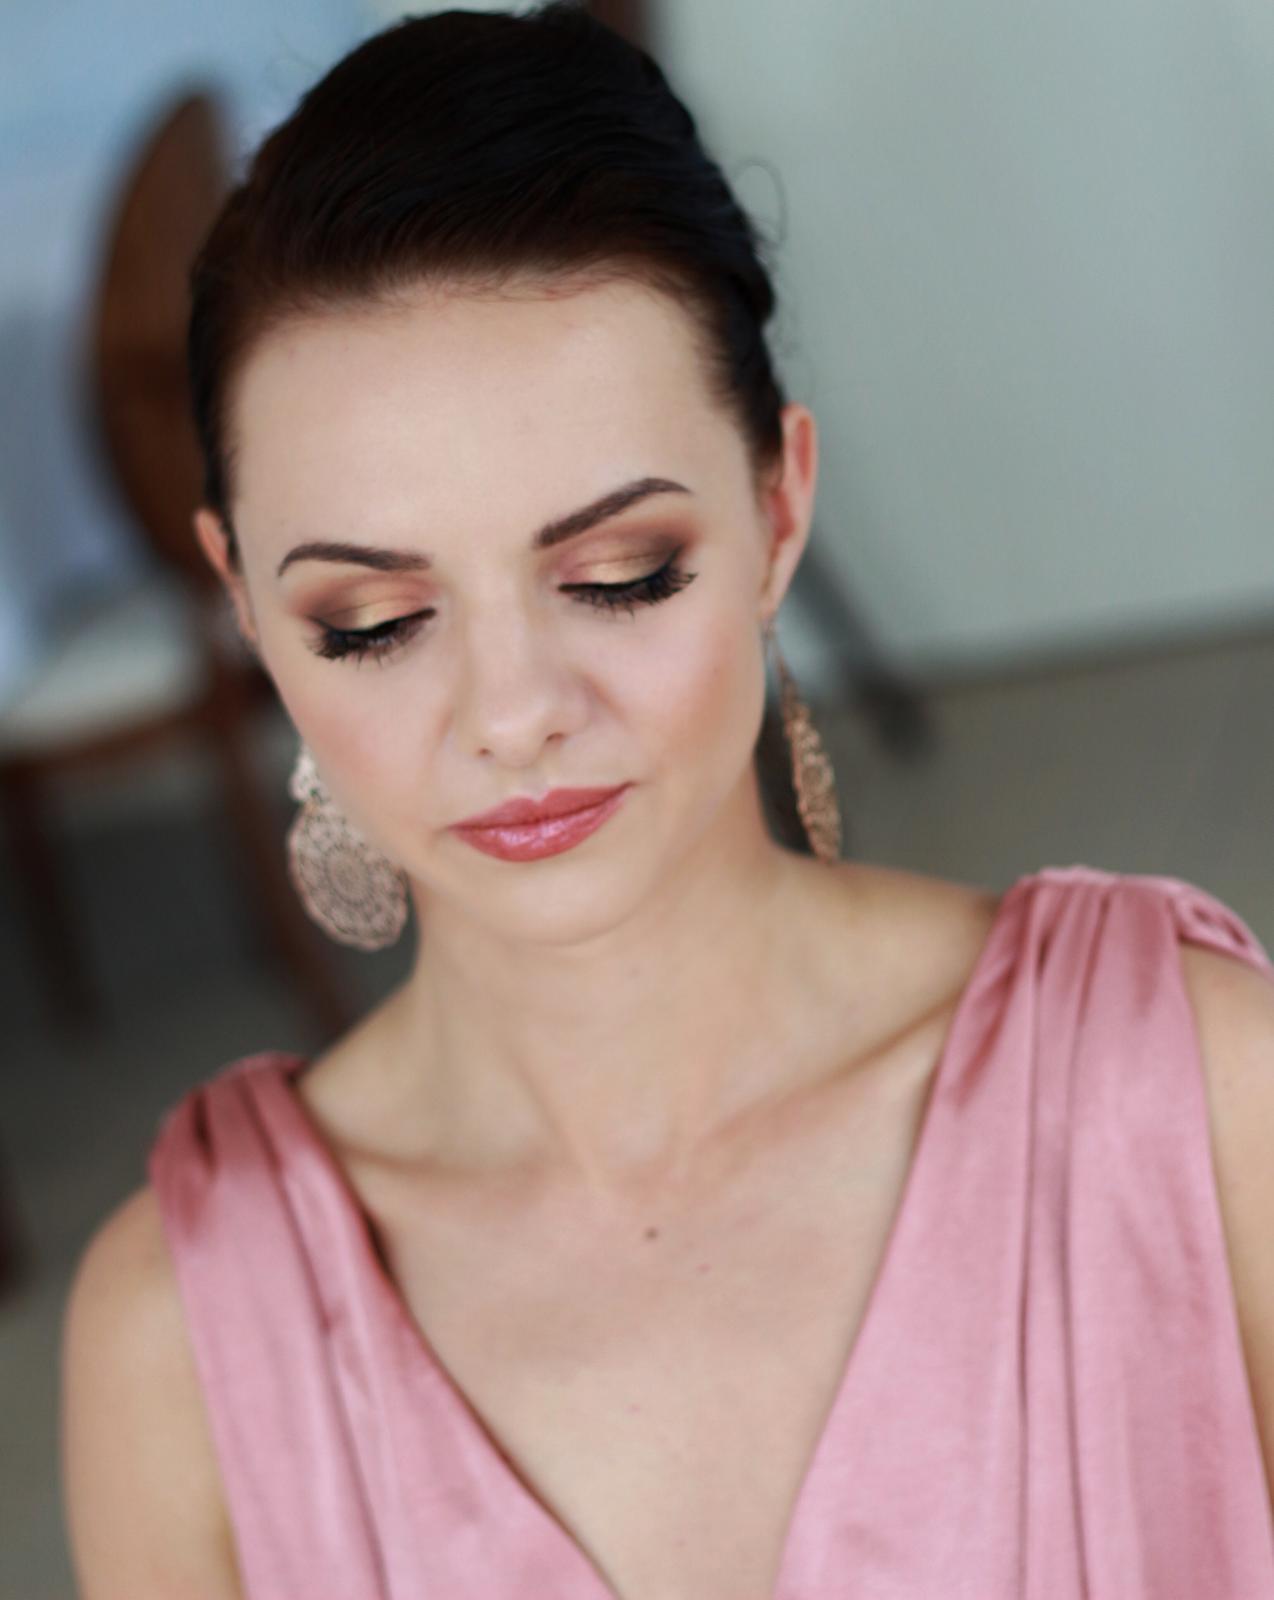 Ličenie, makeupartist Žilina - Obrázok č. 3